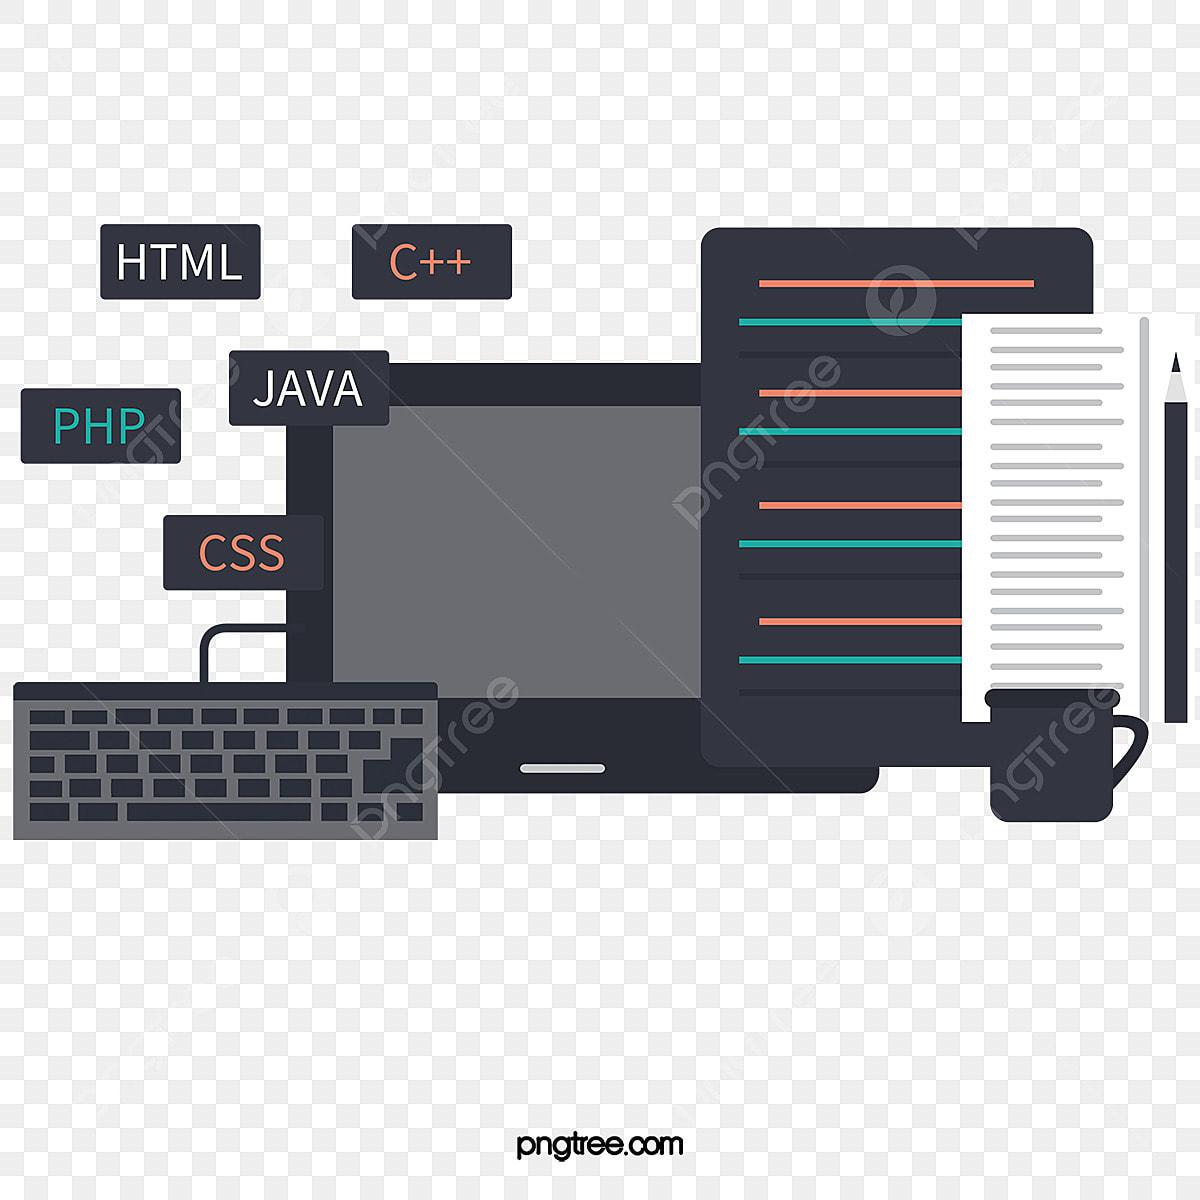 Le Programme Informatique De Vecteur Clipart Informatique Haute Definition Vecteur Fichier Png Et Psd Pour Le Telechargement Libre